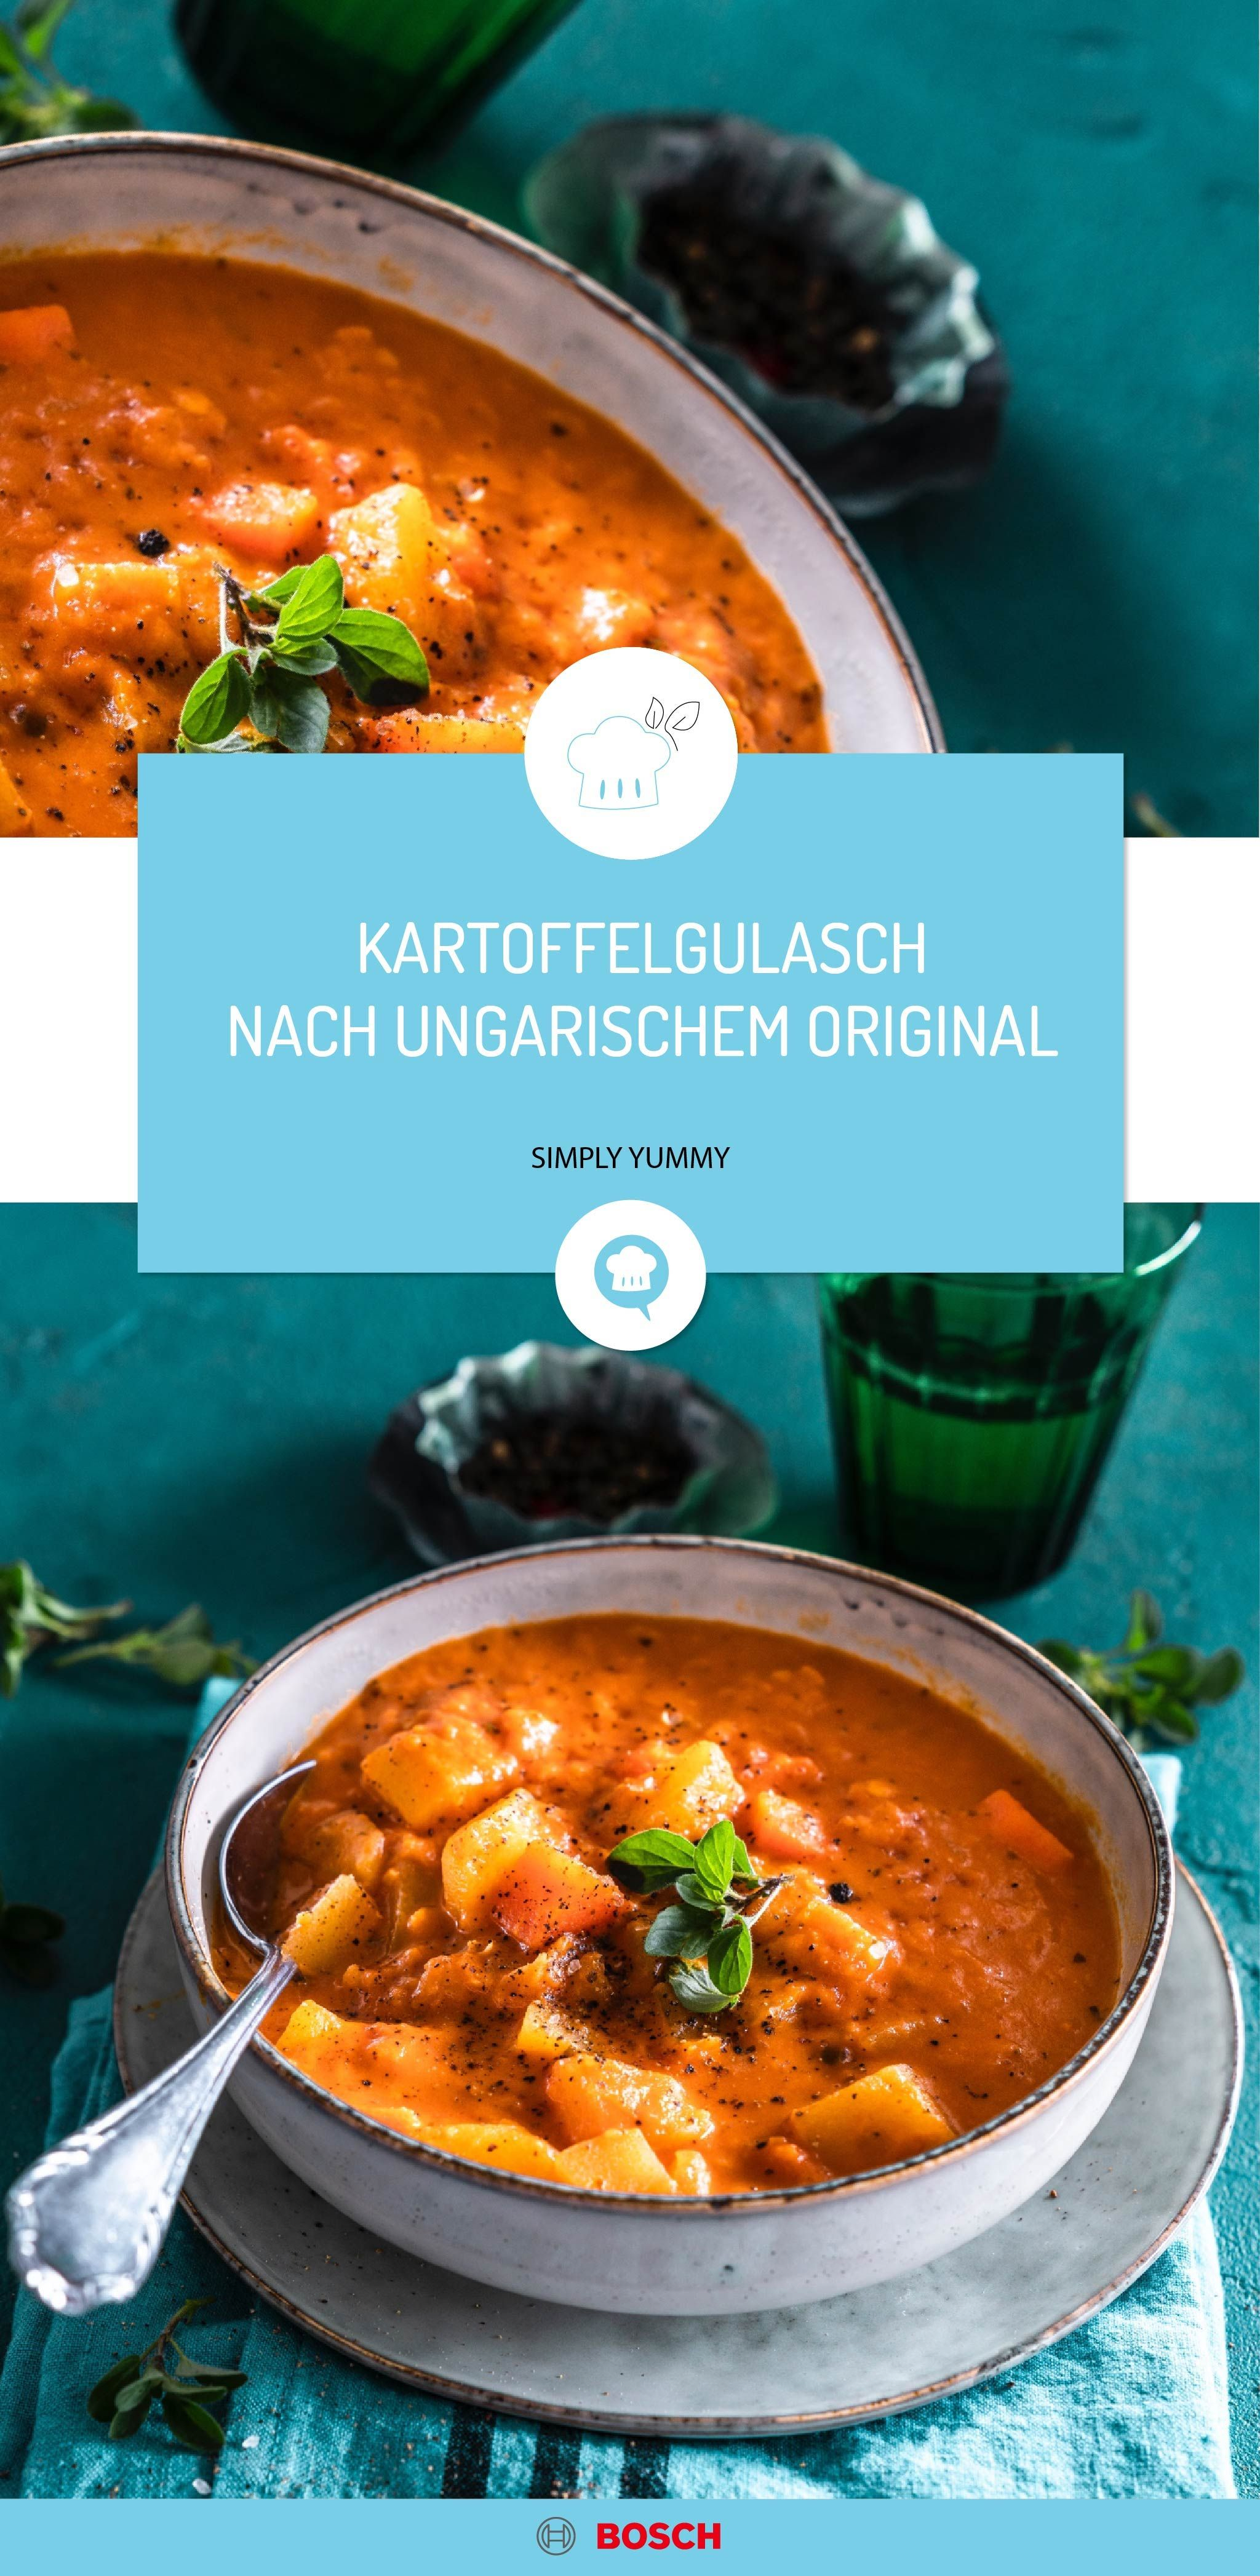 Kartoffelgulasch nach ungarischem Original #vegetarischerezepte